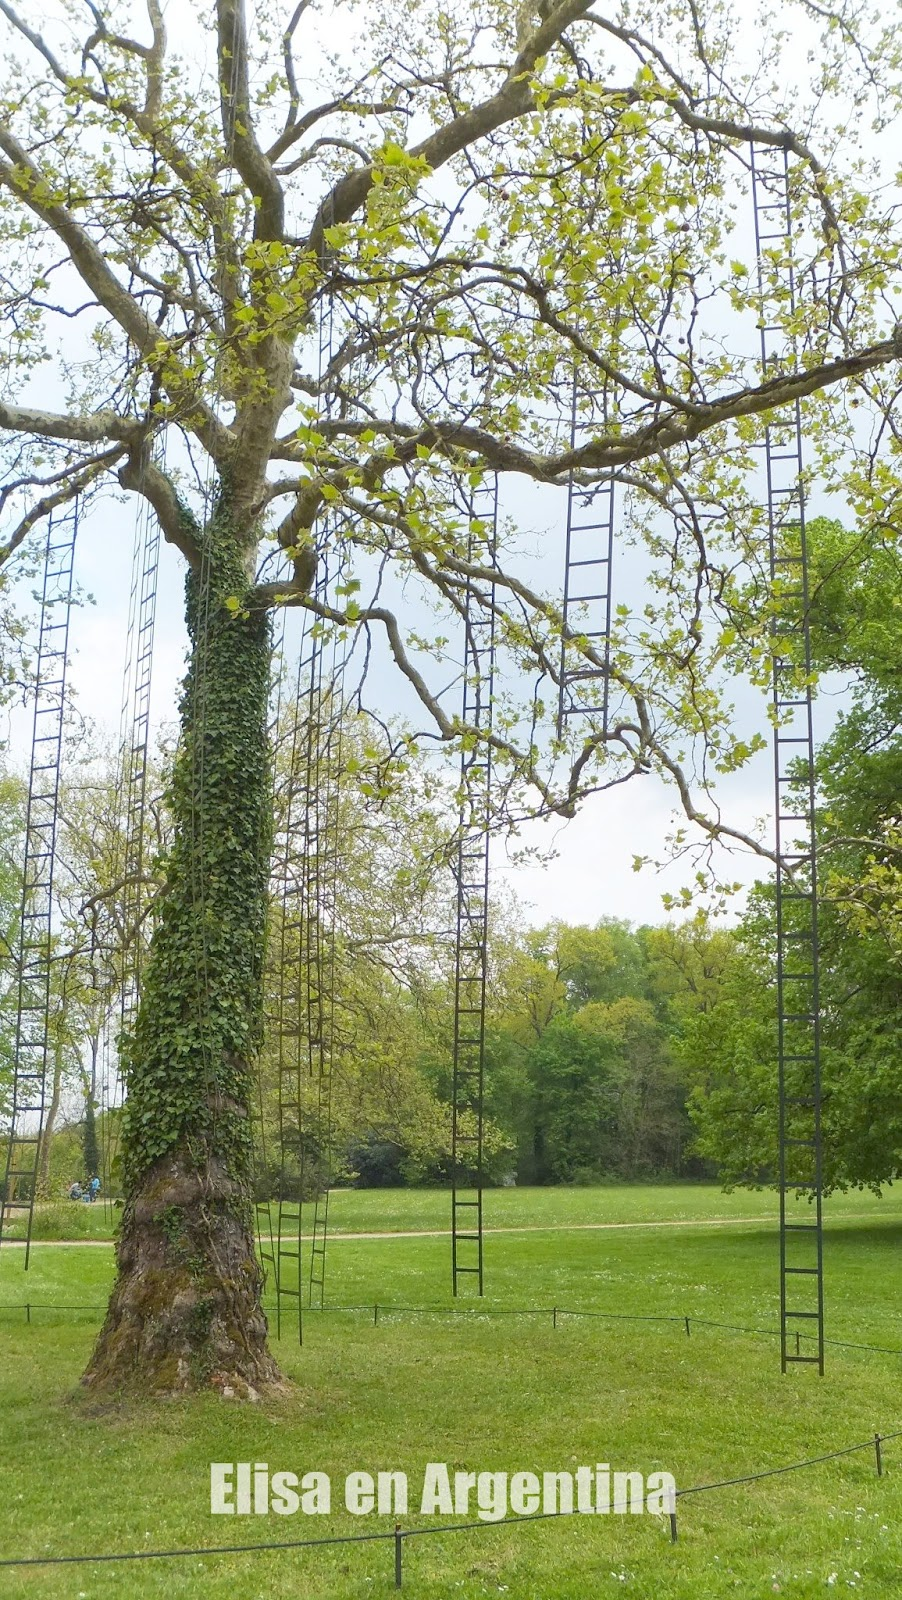 Chaumont-sur-Loire, Jardines, Domaine, Loira, Francia, Elisa N, Blog de Viajes, Lifestyle, Travel